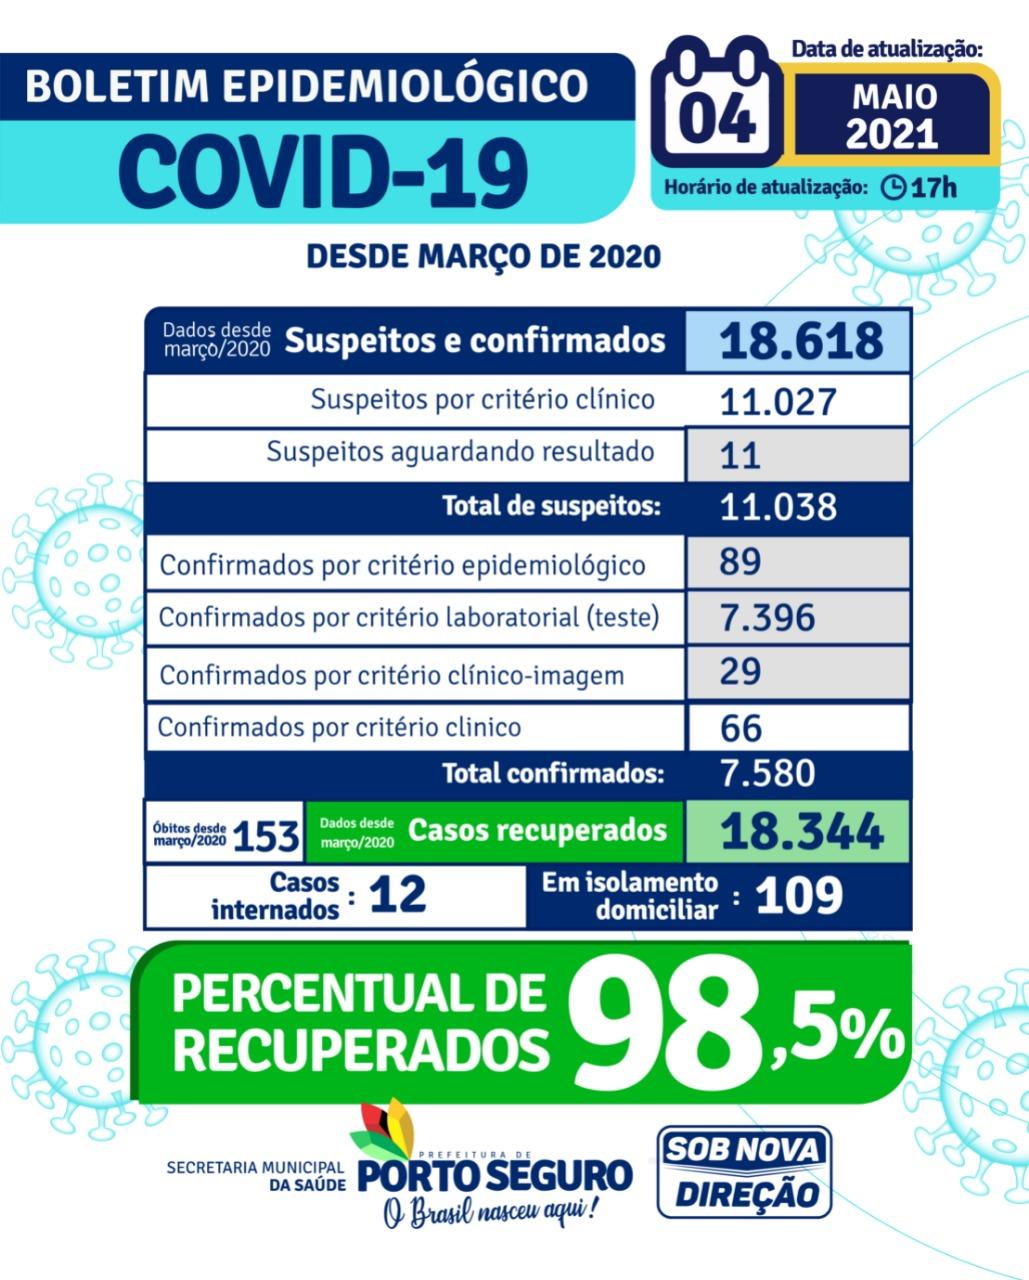 PORTO SEGURO: Boletim Coronavírus 04/05/2021 24